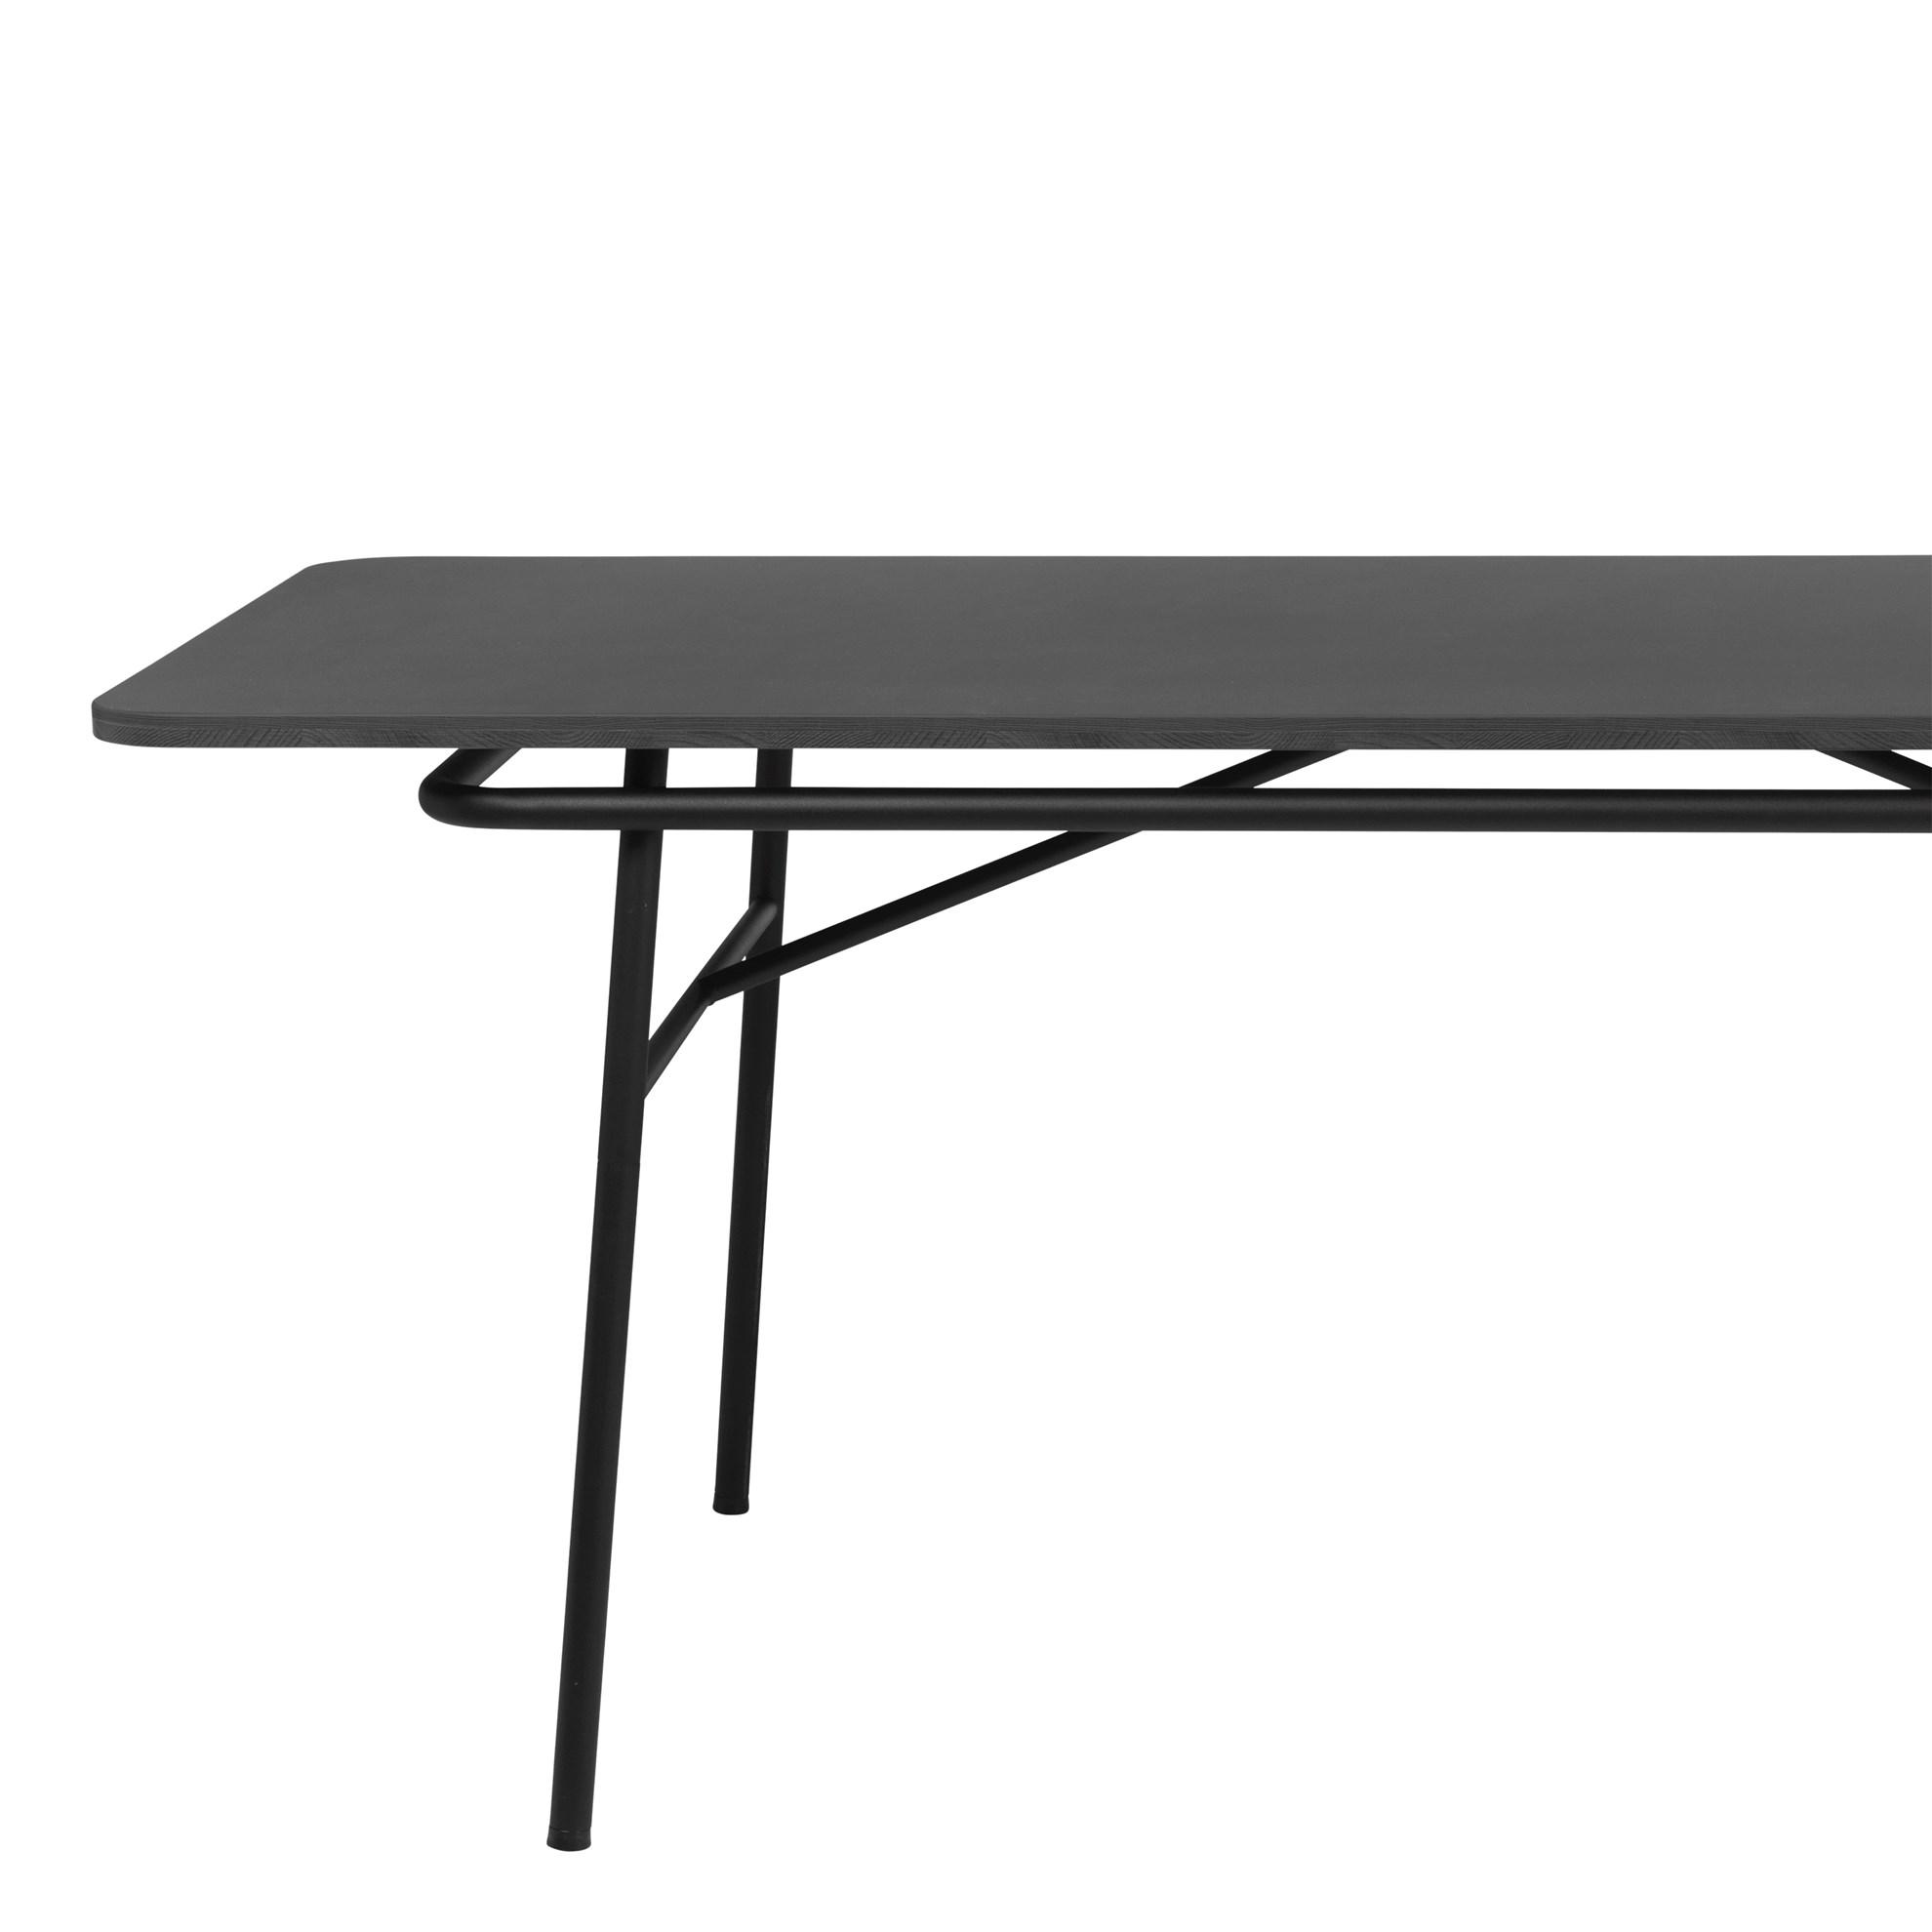 Deska pro jídelní stůl MOON LAMINATE (pouze deska)_2